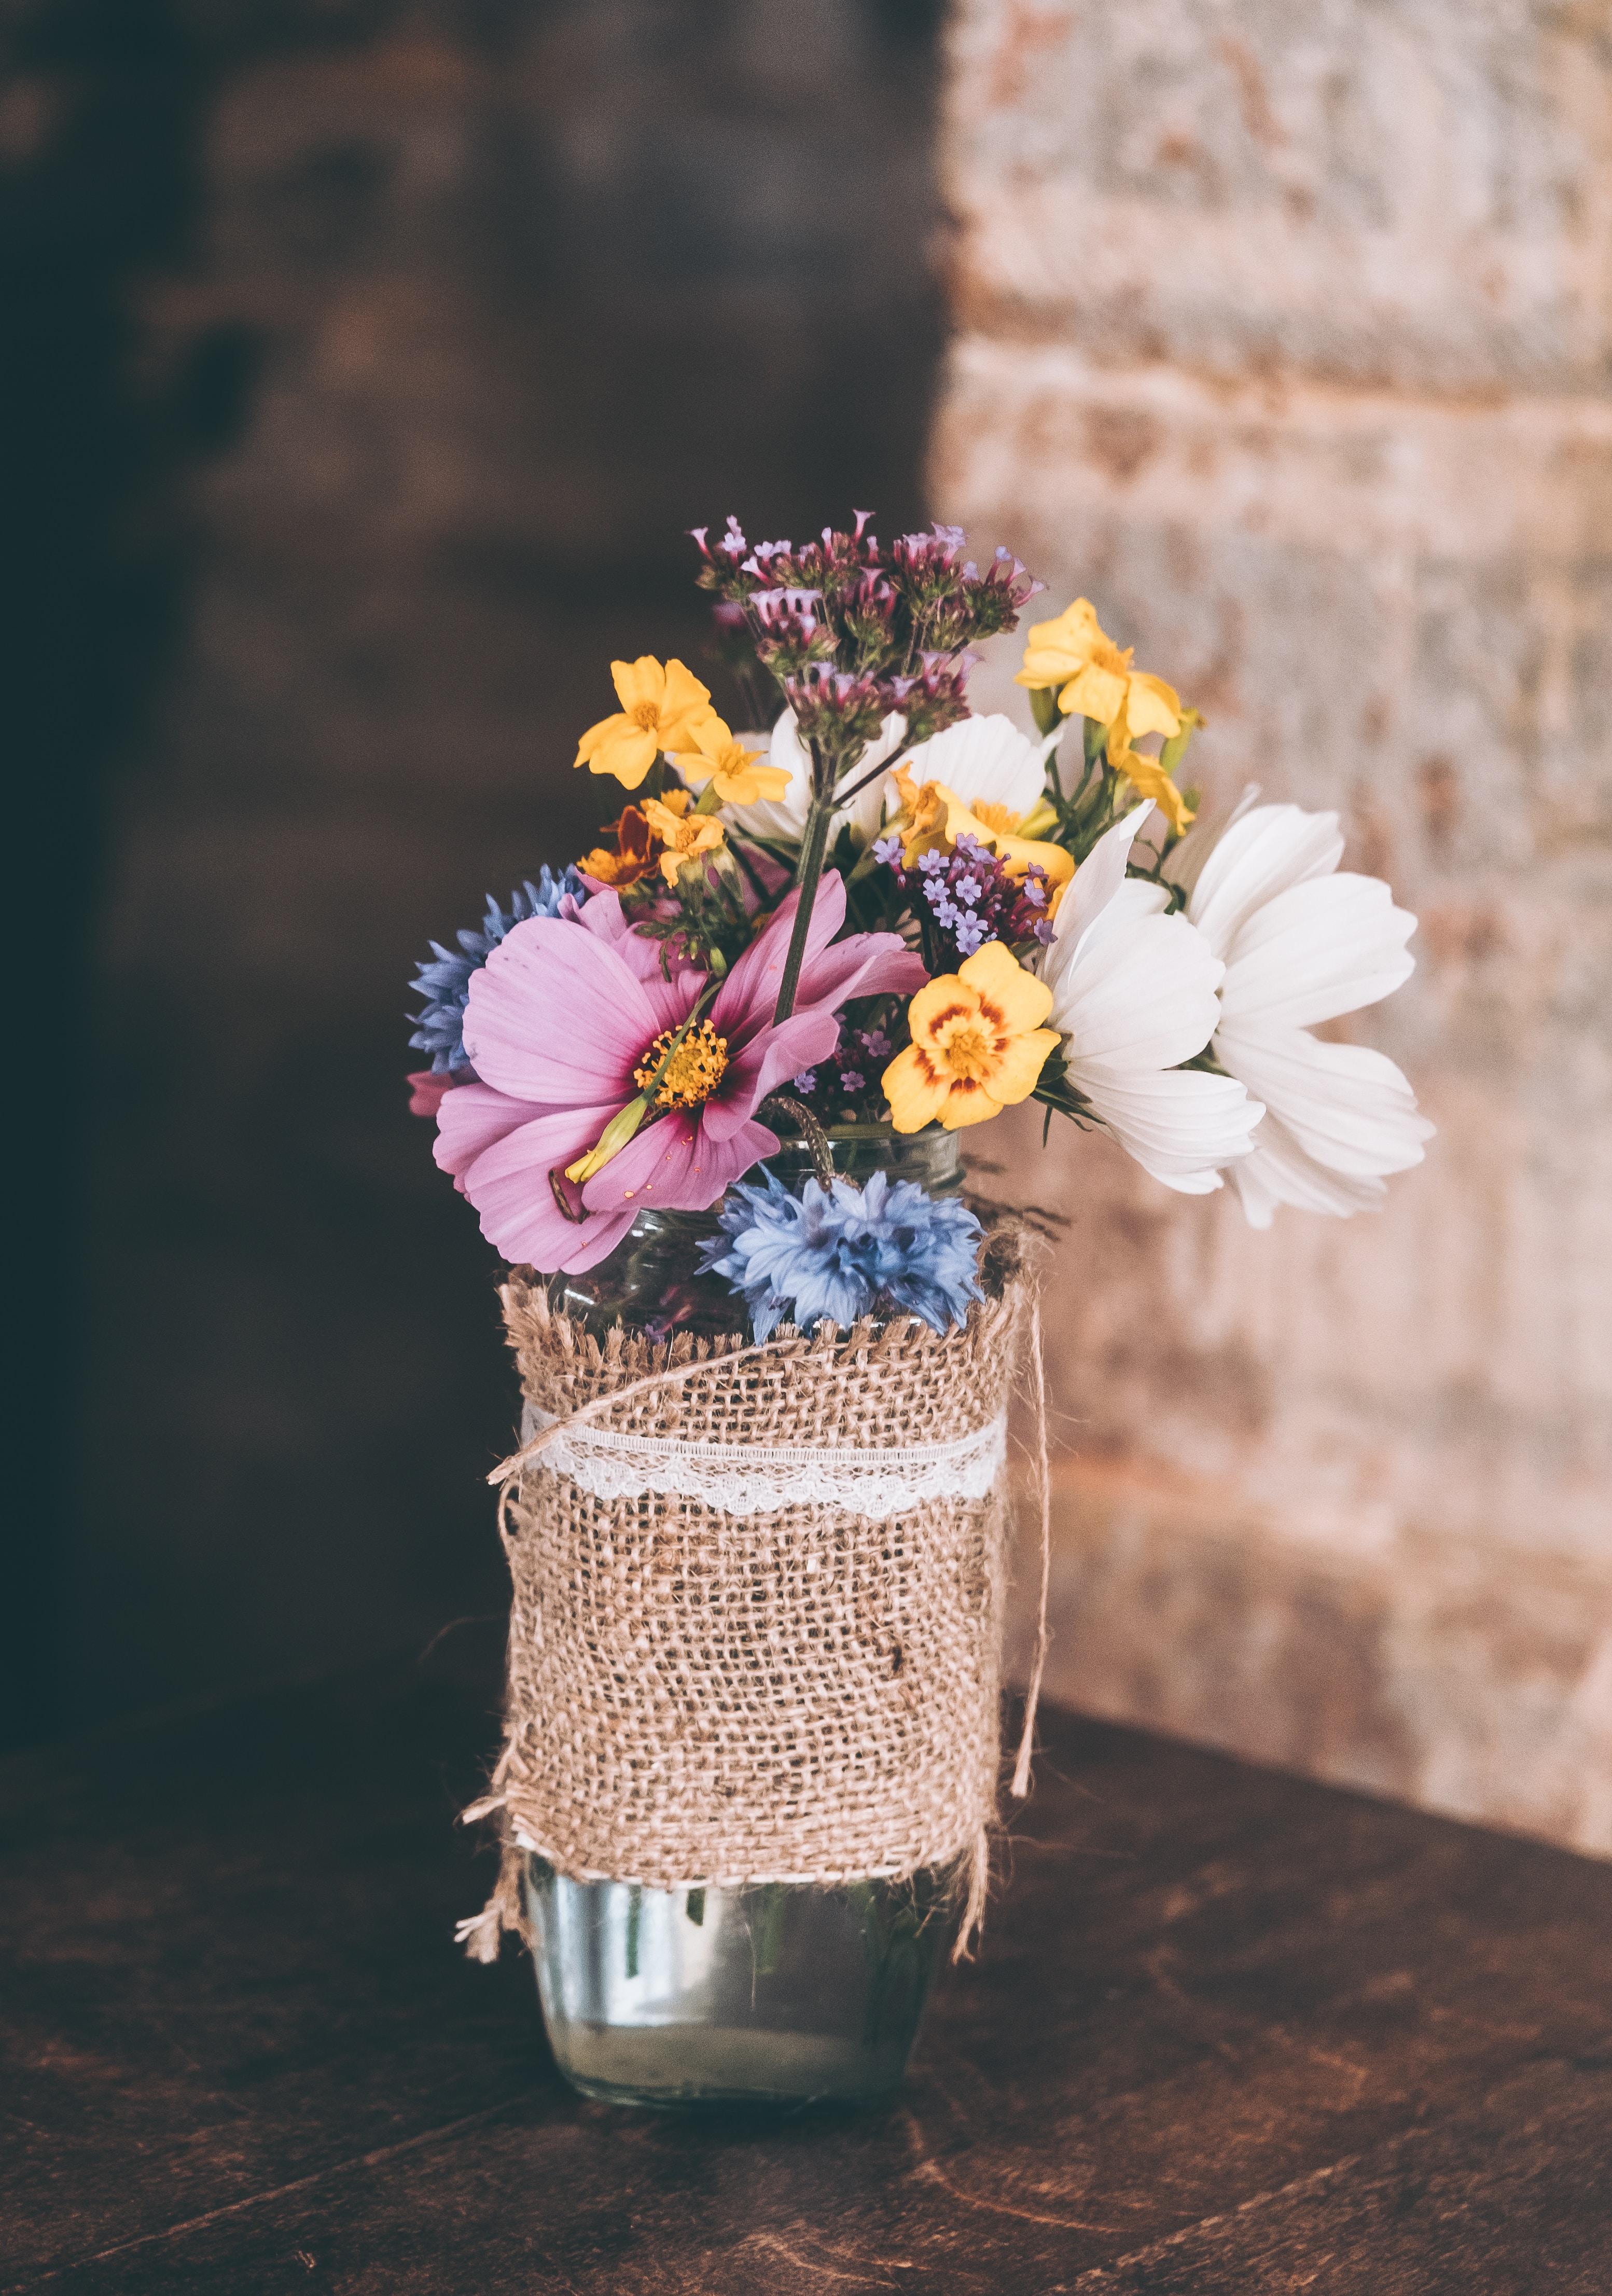 Diverse flower vase photo by Annie Spratt (@anniespratt ...